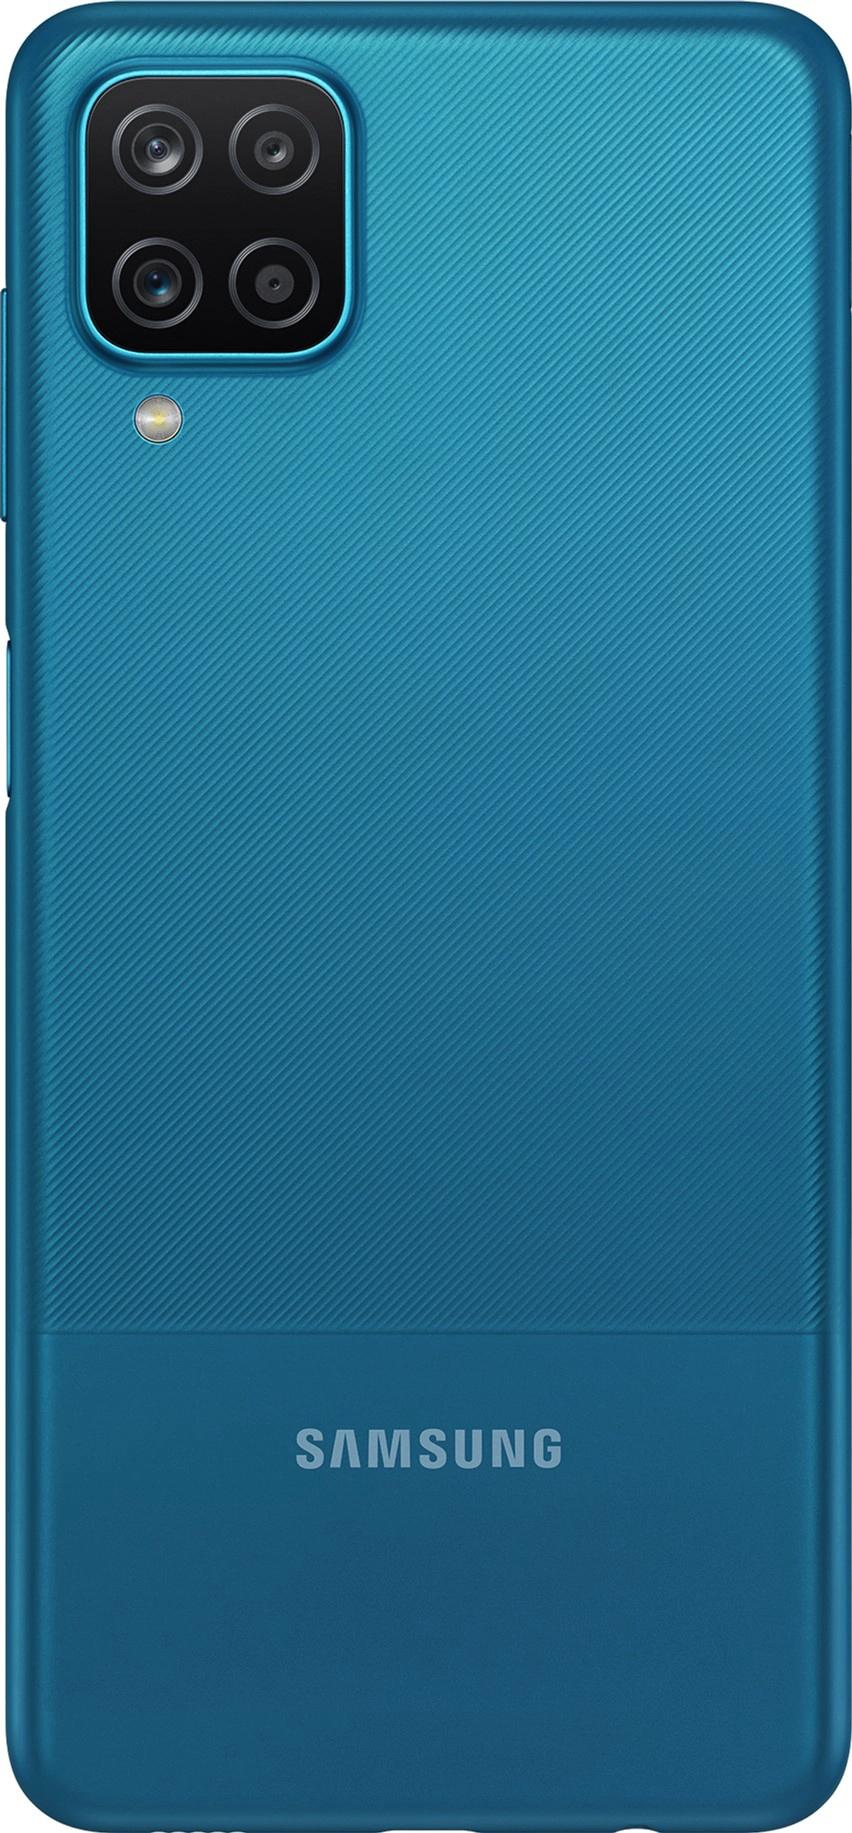 Samsung Galaxy A12 (SM-A125) 64GB BLUE - 3